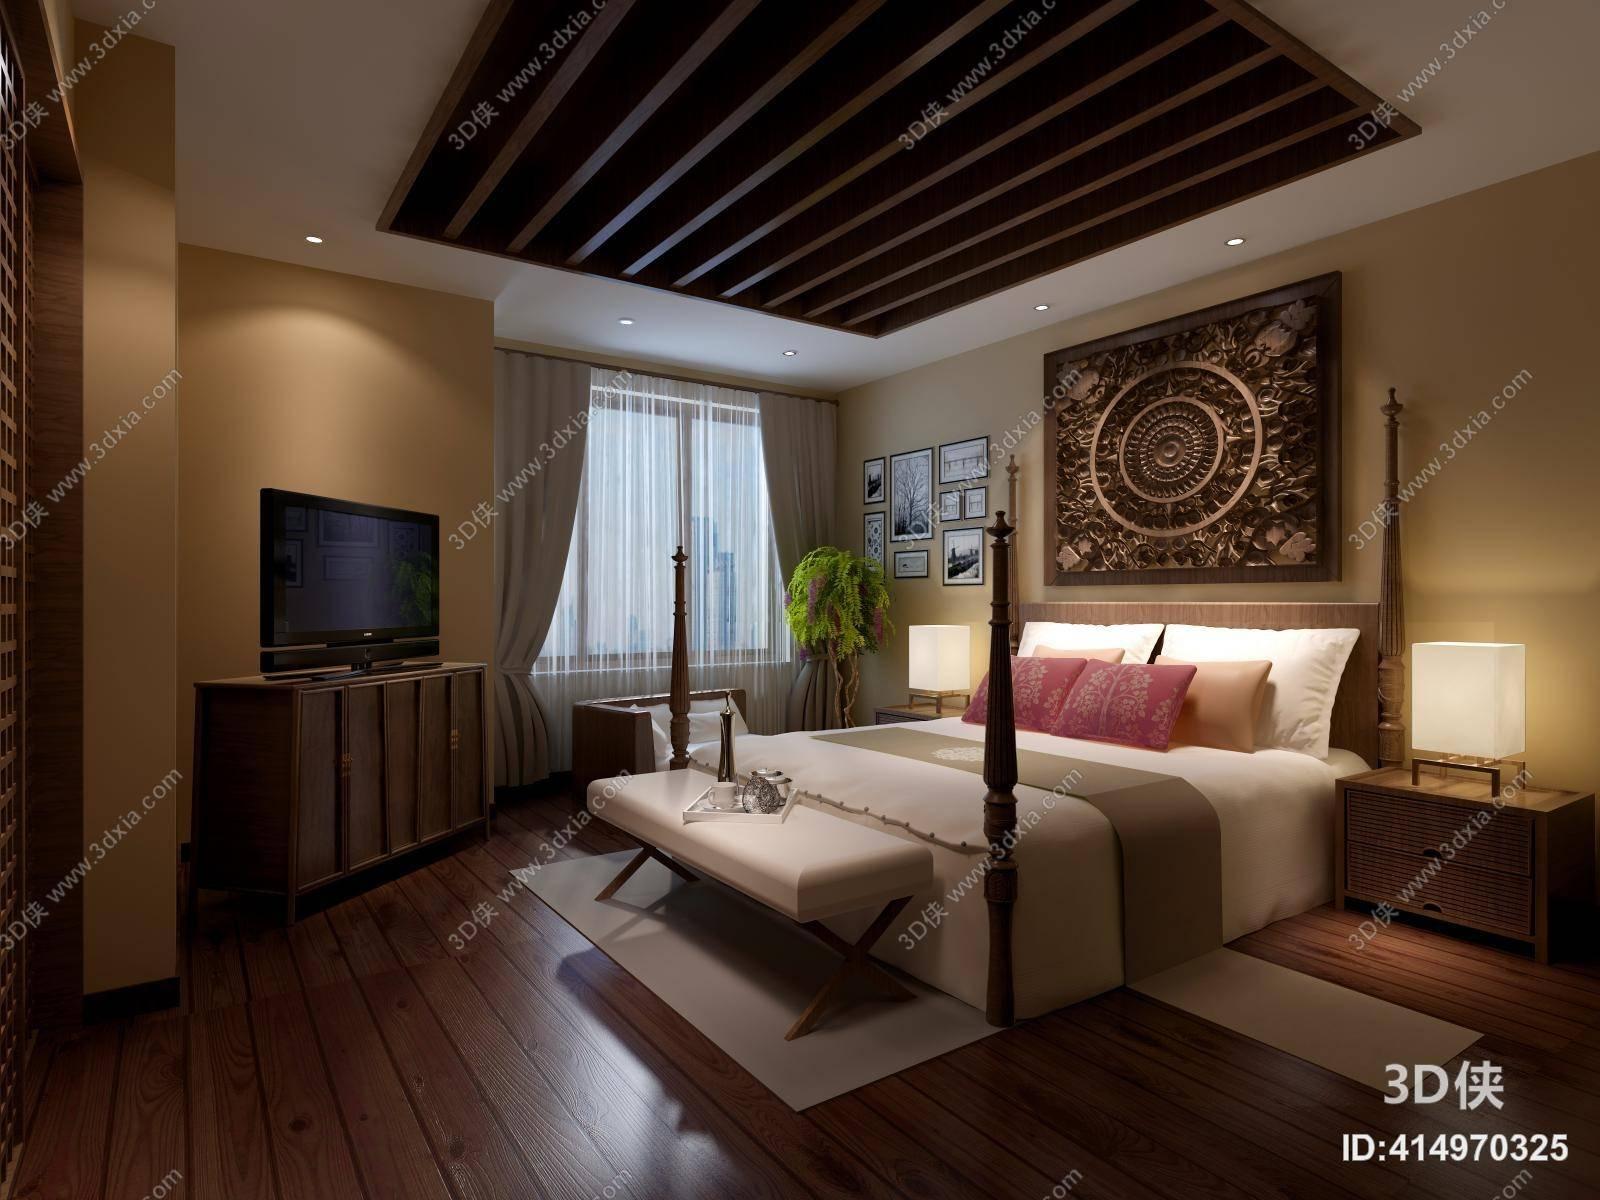 美式简约家居主卧室 美式简约木艺电视柜 长方形墙饰挂件图片